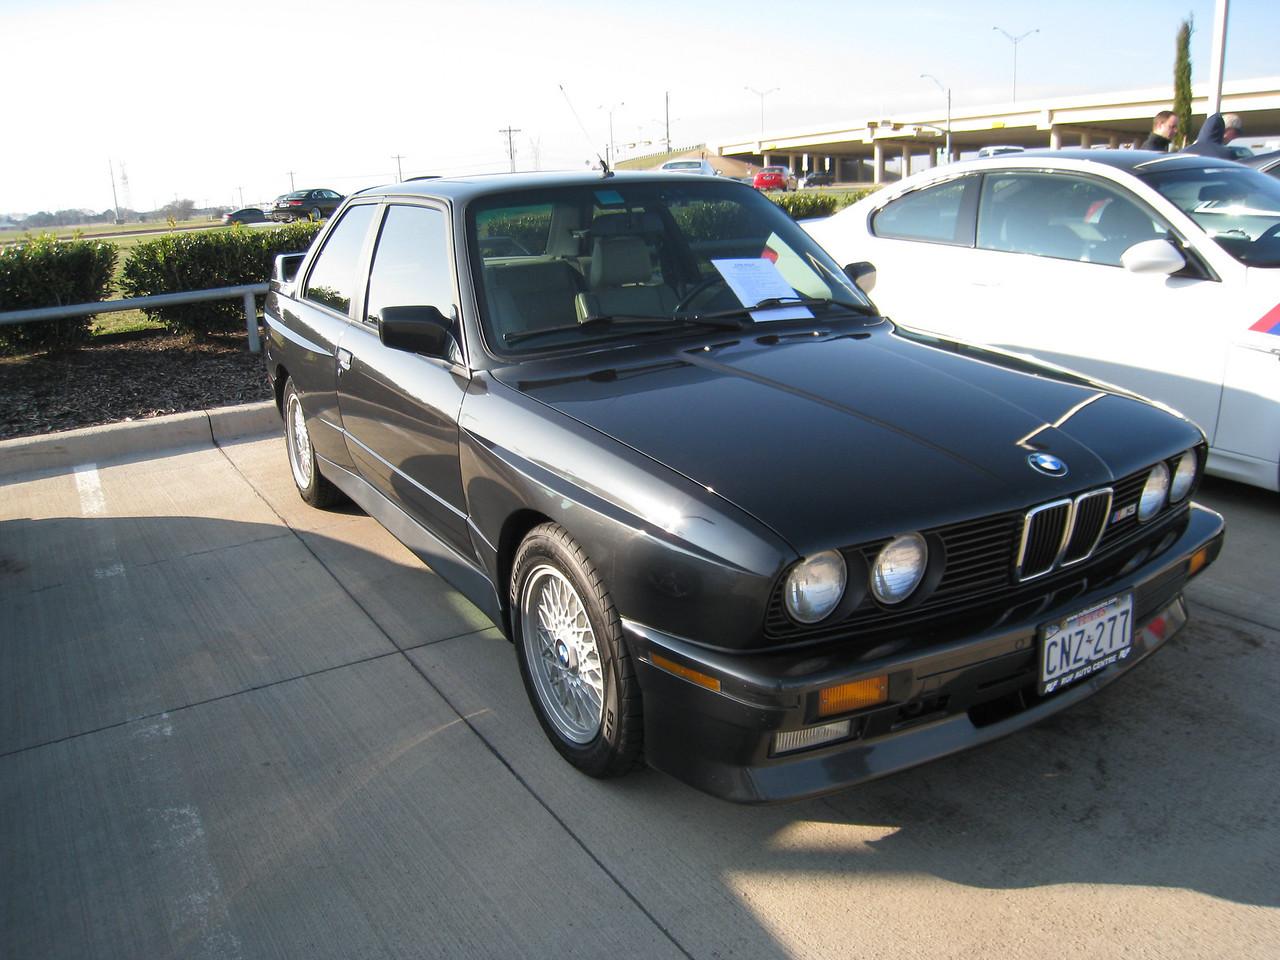 1998 BMW E30 M3 - for sale!